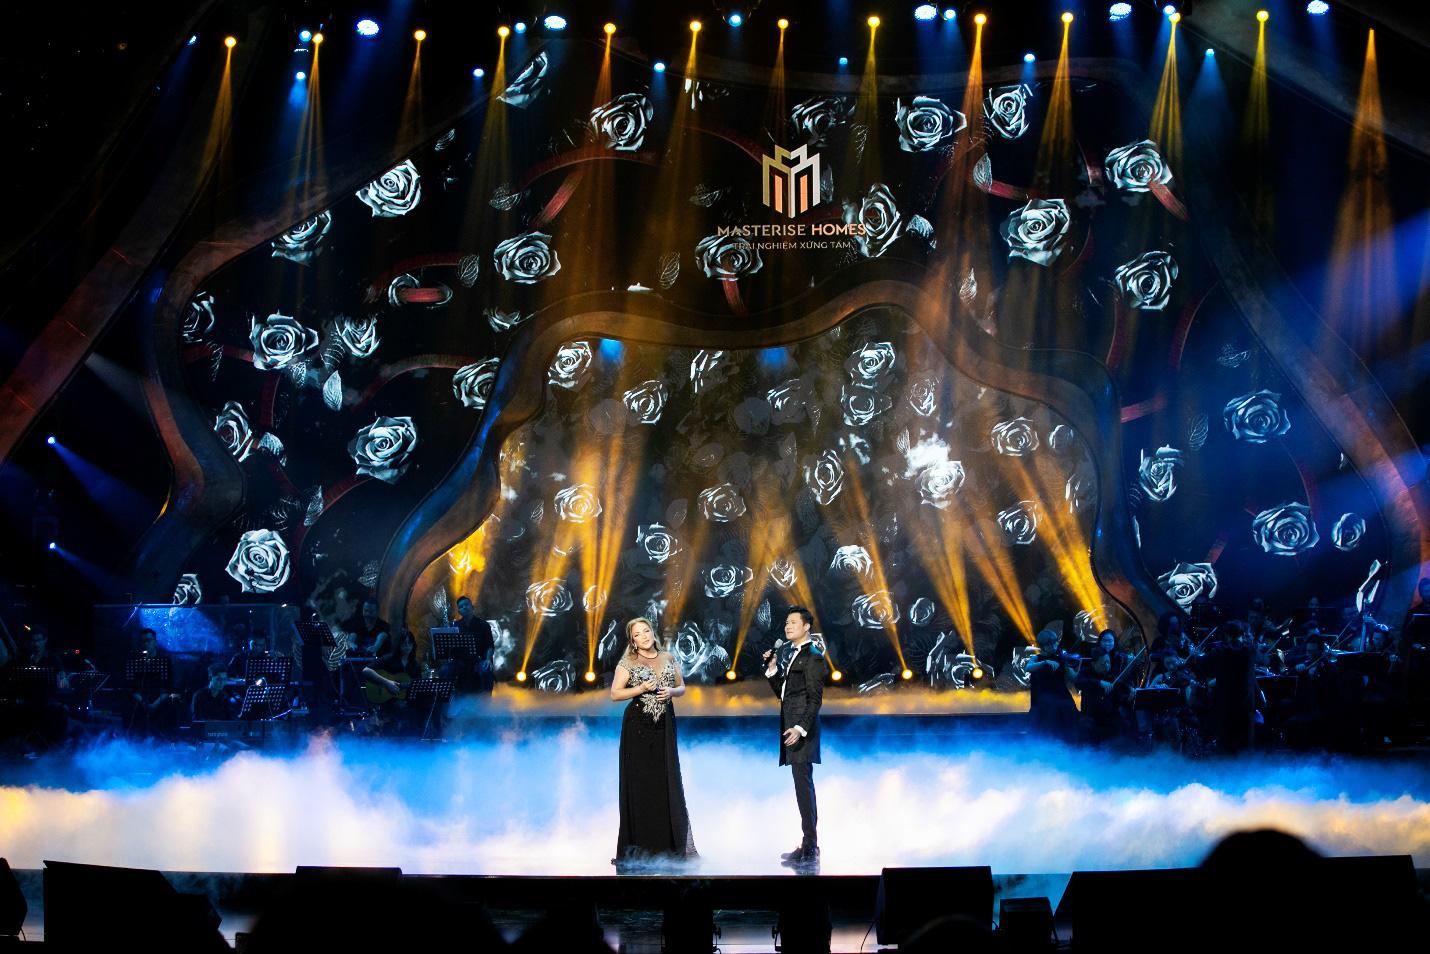 The Master Of Symphony 2019 chinh phục khán giả với các tiết mục trình diễn đỉnh cao và ấn tượng - Ảnh 4.